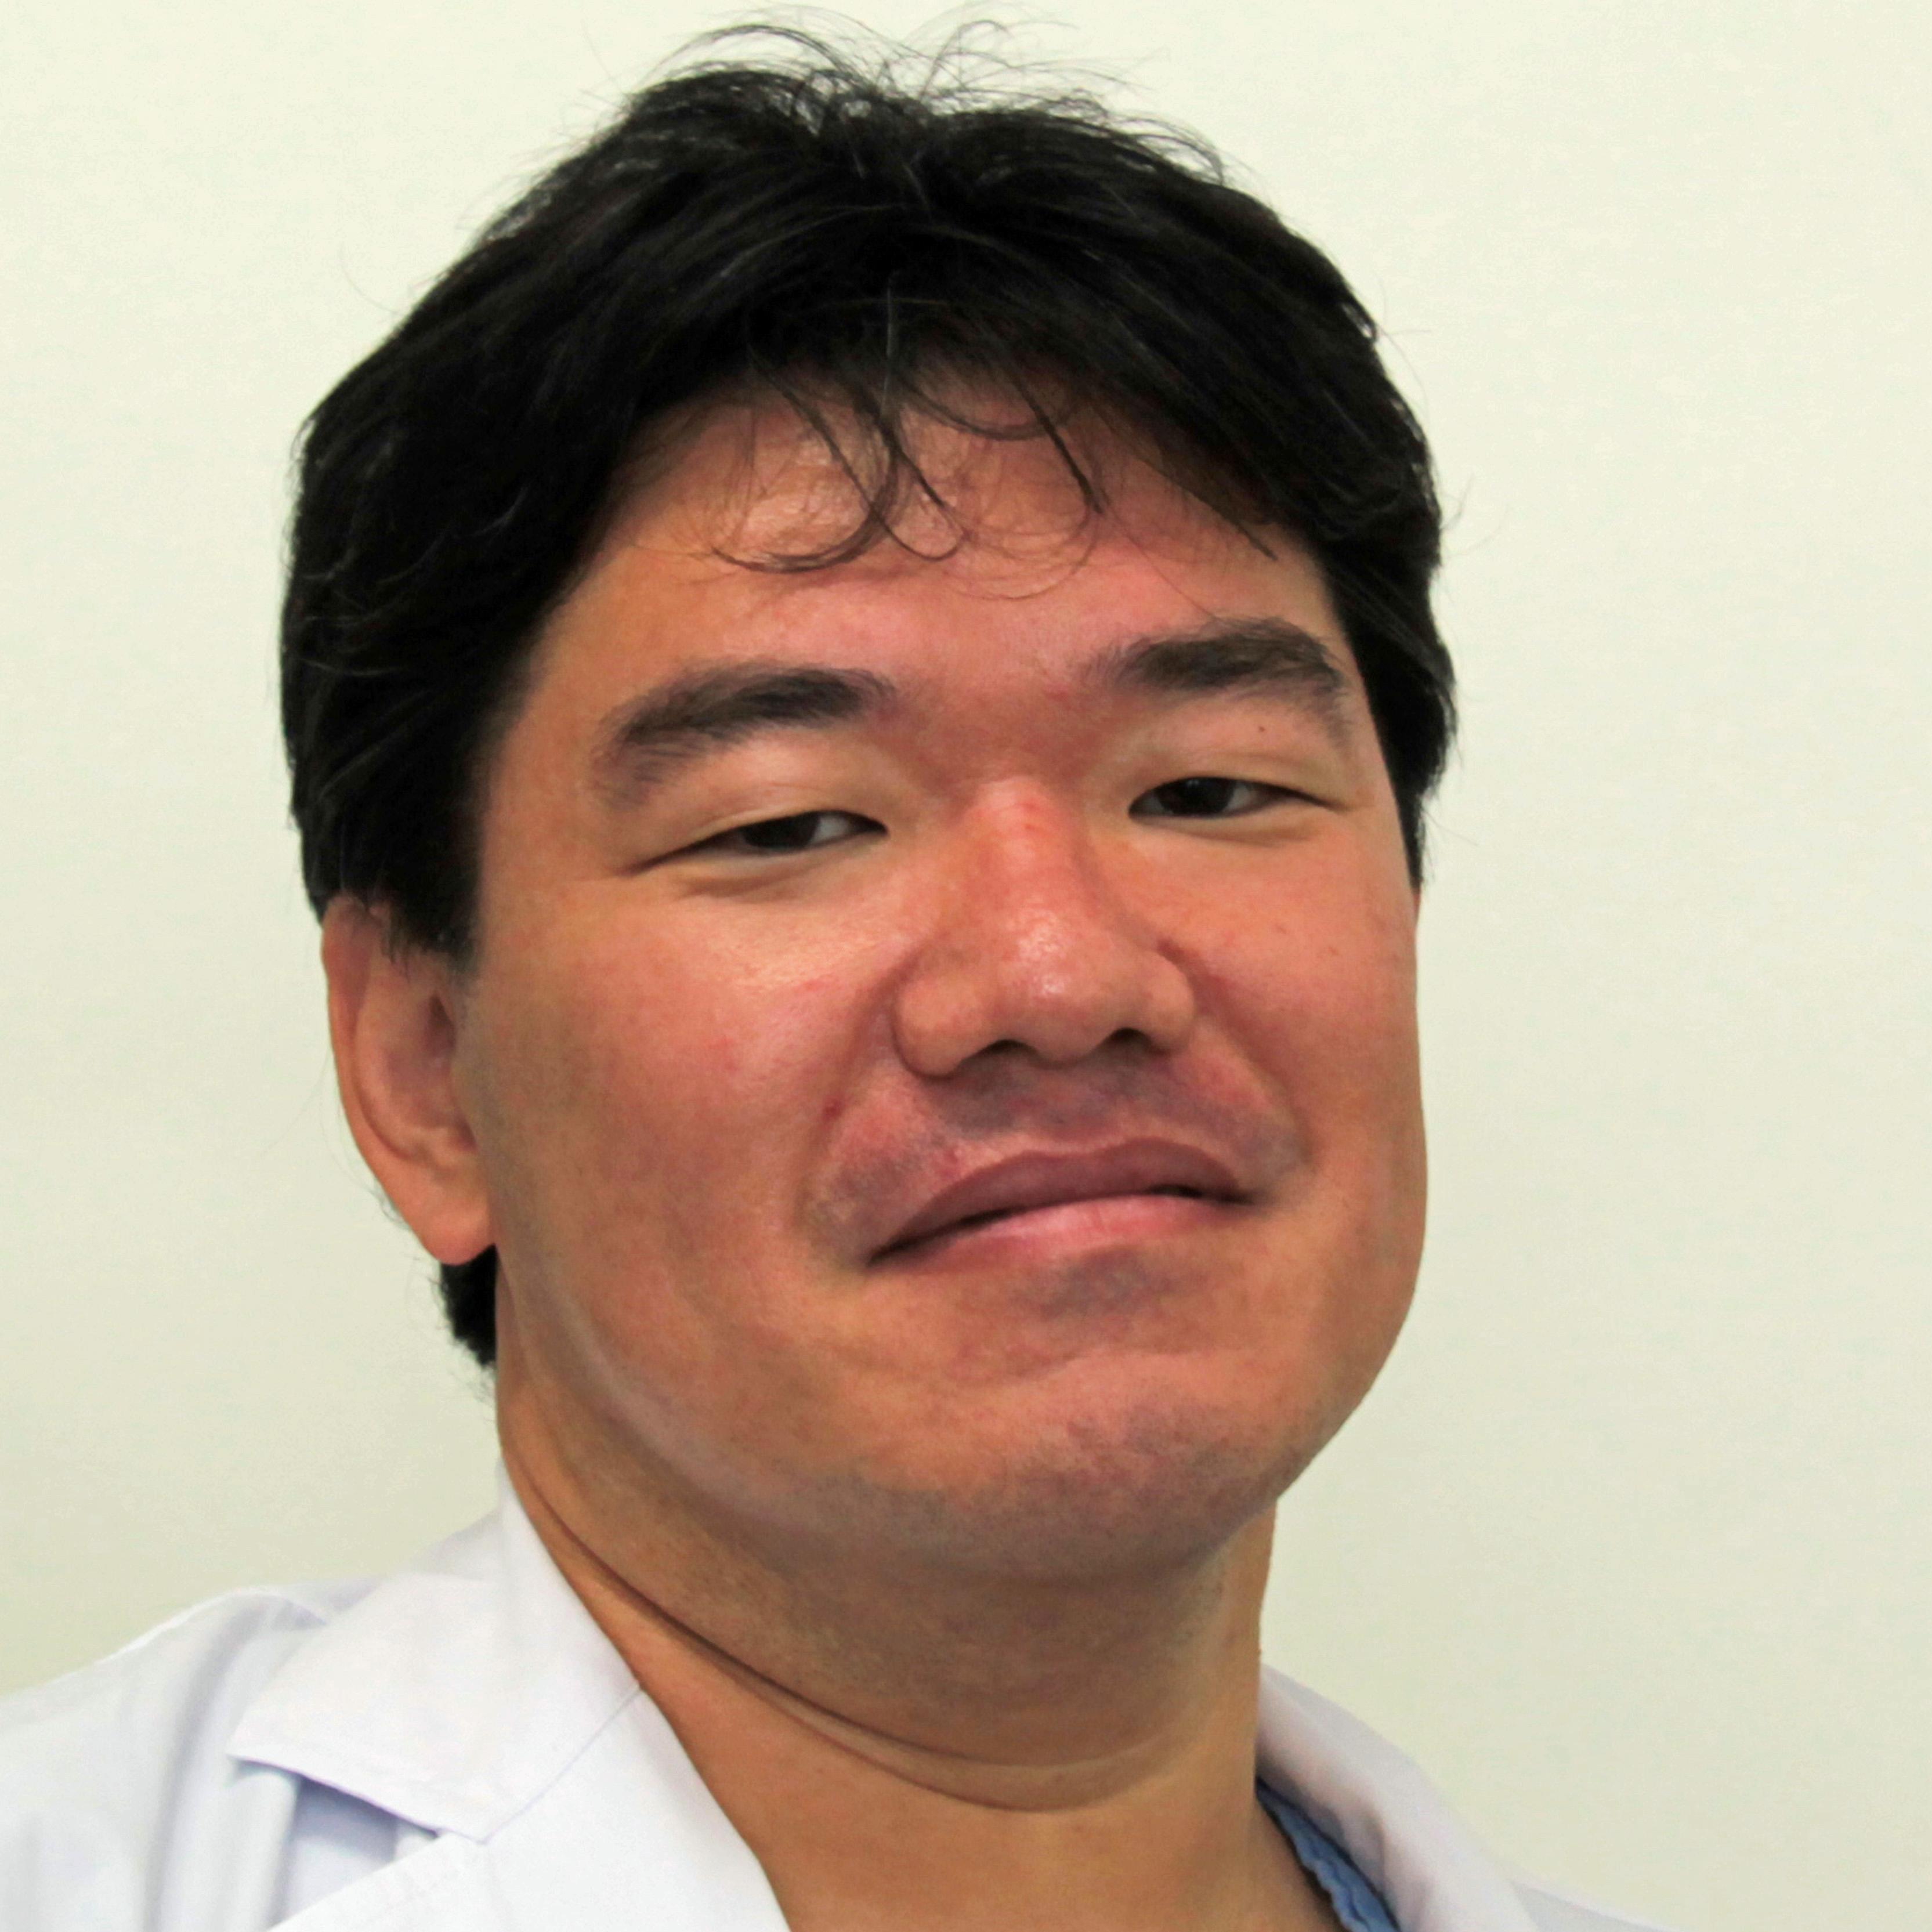 安田 浩章 脳神経外科医師の写真